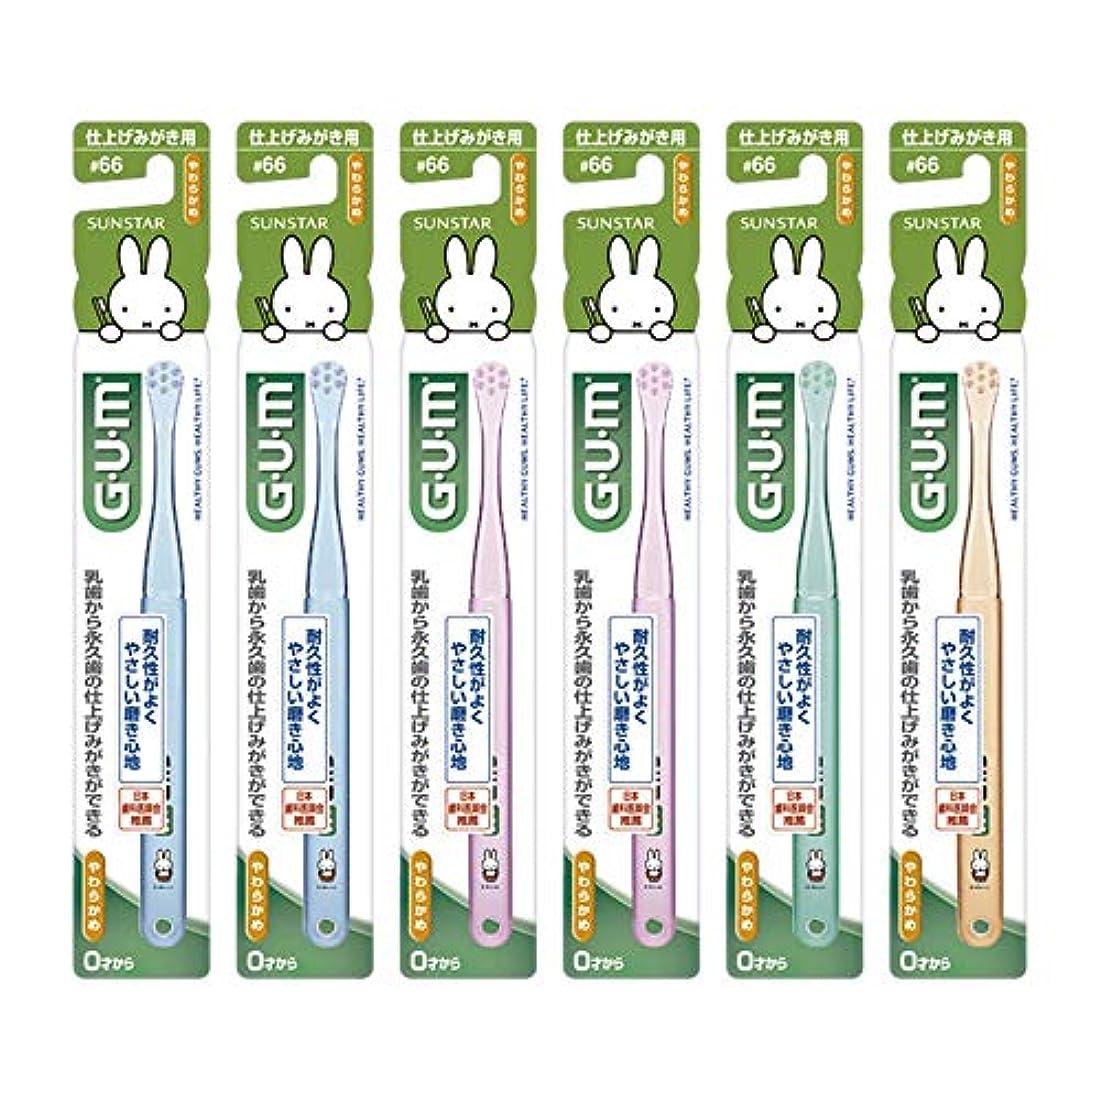 に関して舗装マトロンGUM(ガム) デンタル こども 歯ブラシ #66 [仕上げみがき用/やわらかめ] 6本パック+ おまけつき【Amazon.co.jp限定】